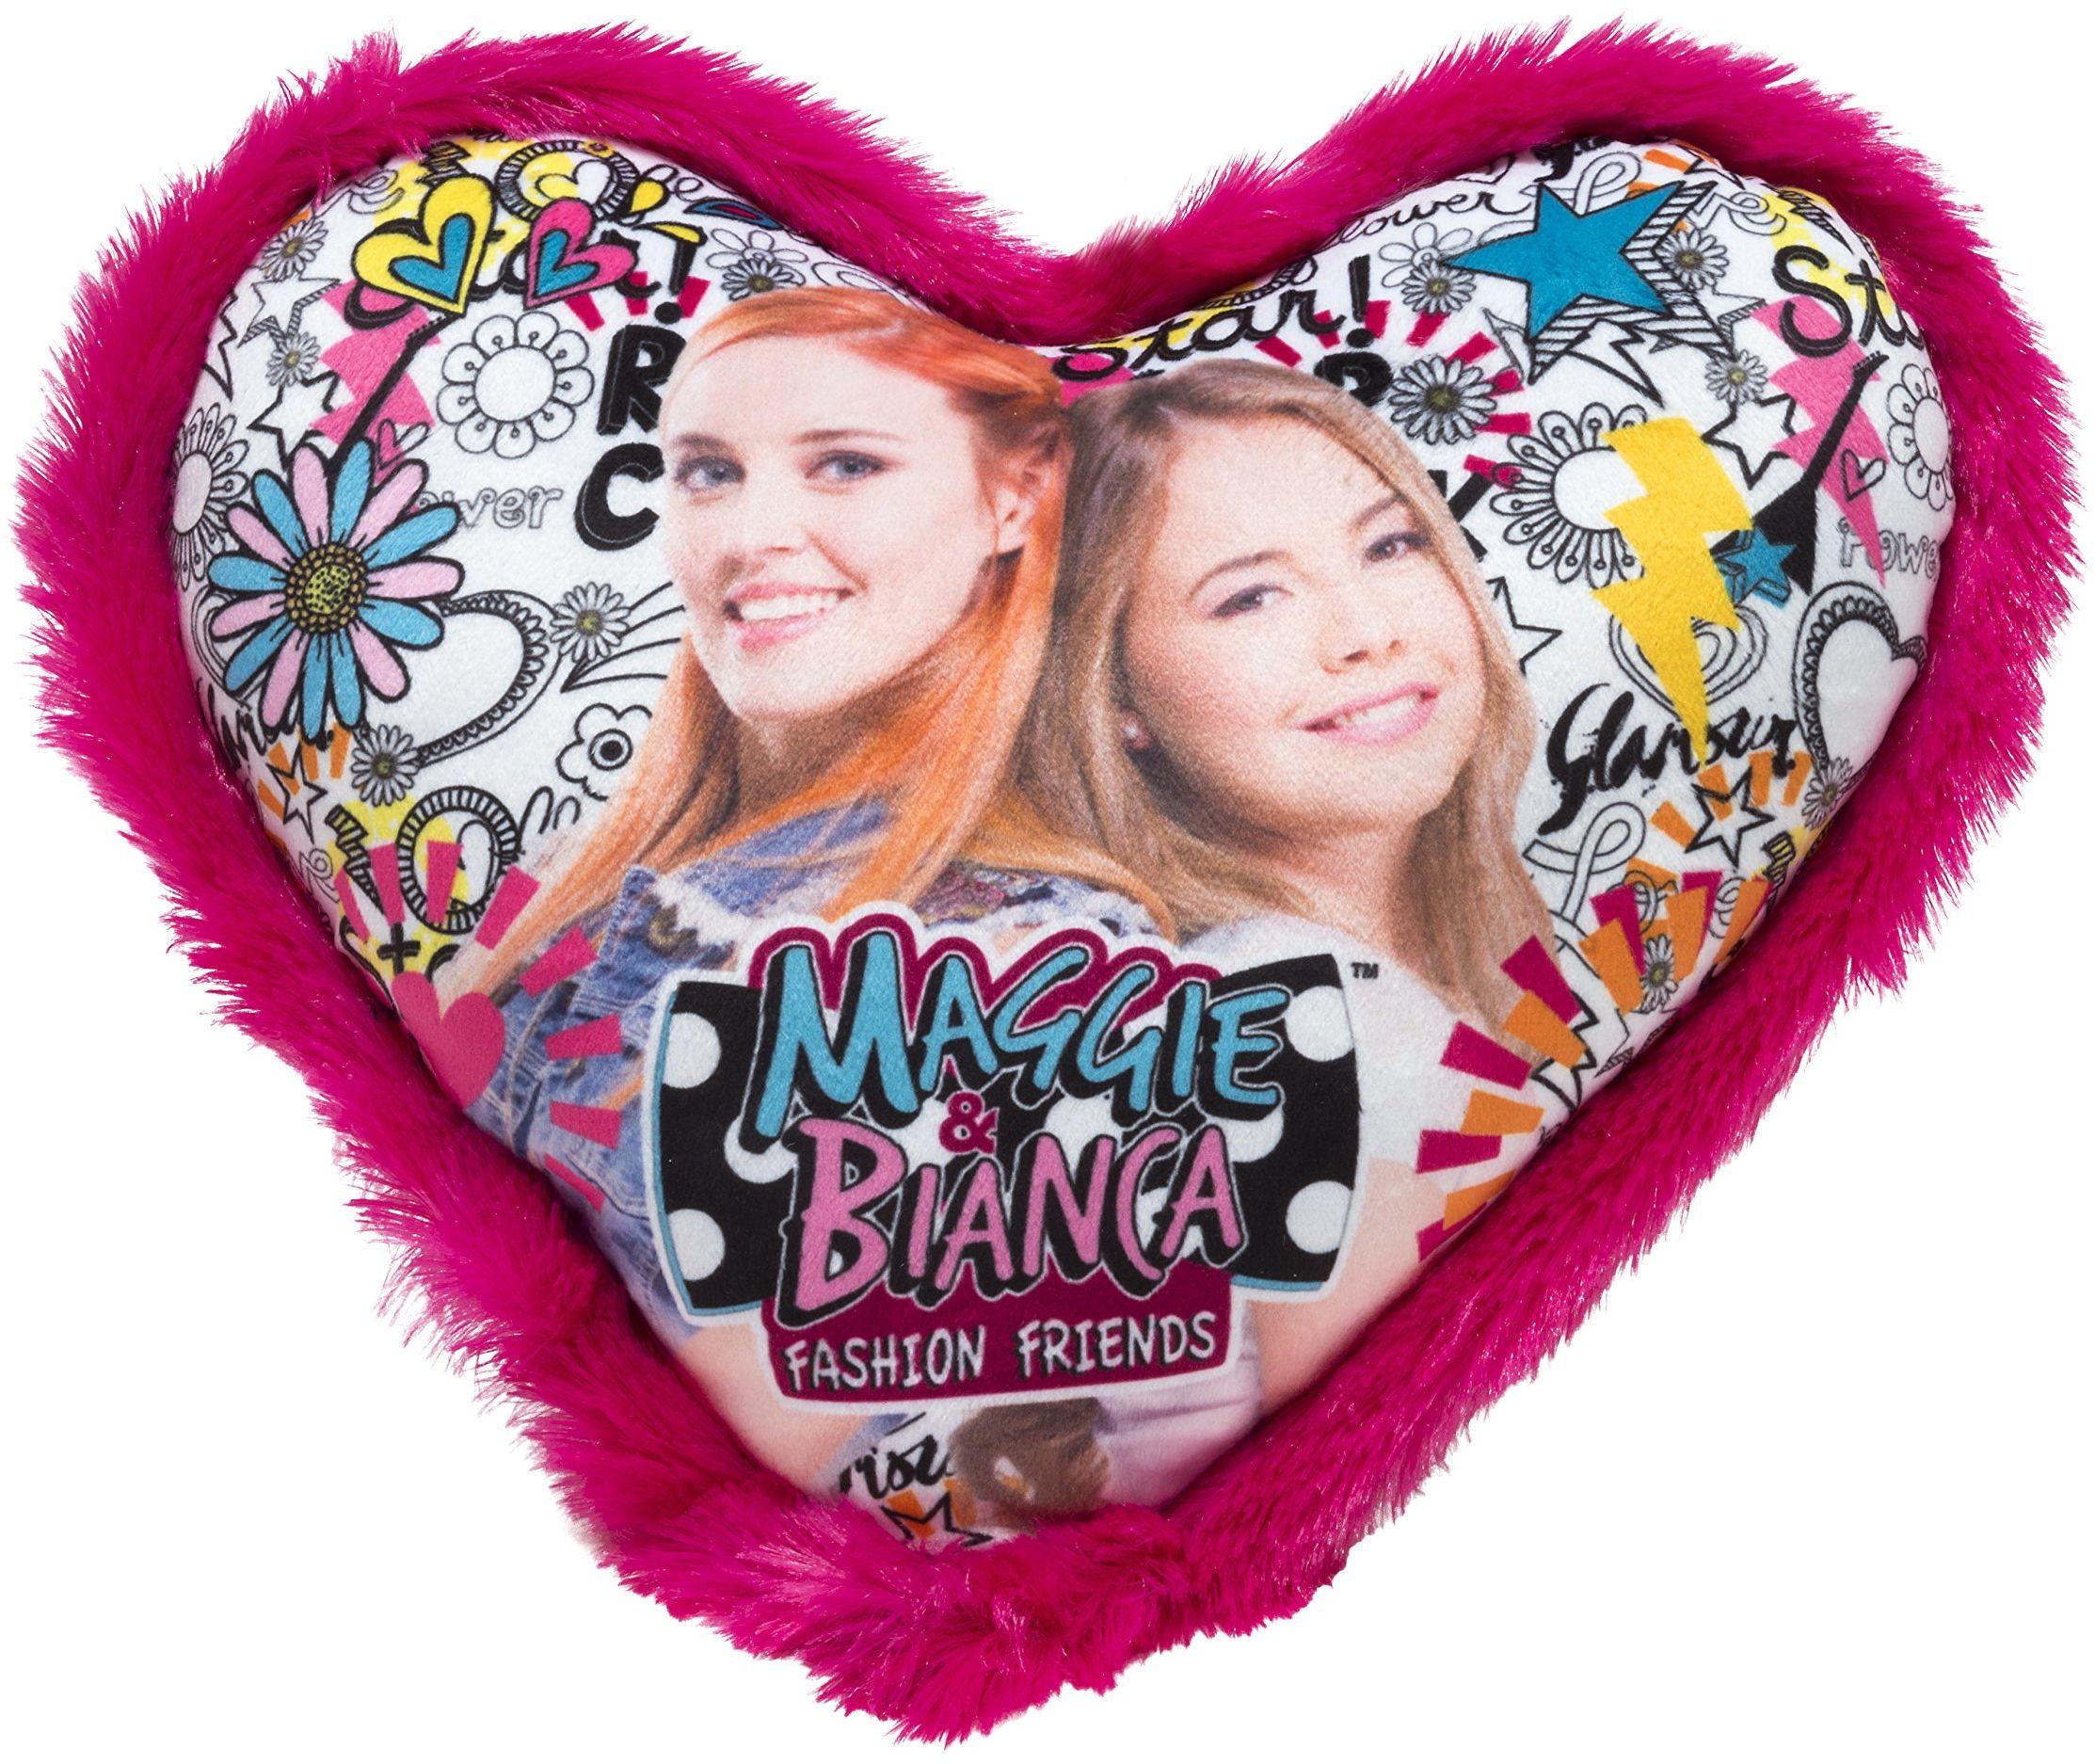 Joy Toy 66942 Figurki & Charactere Maggie & Bianca poduszka w kształcie serca 33 x 33 cm